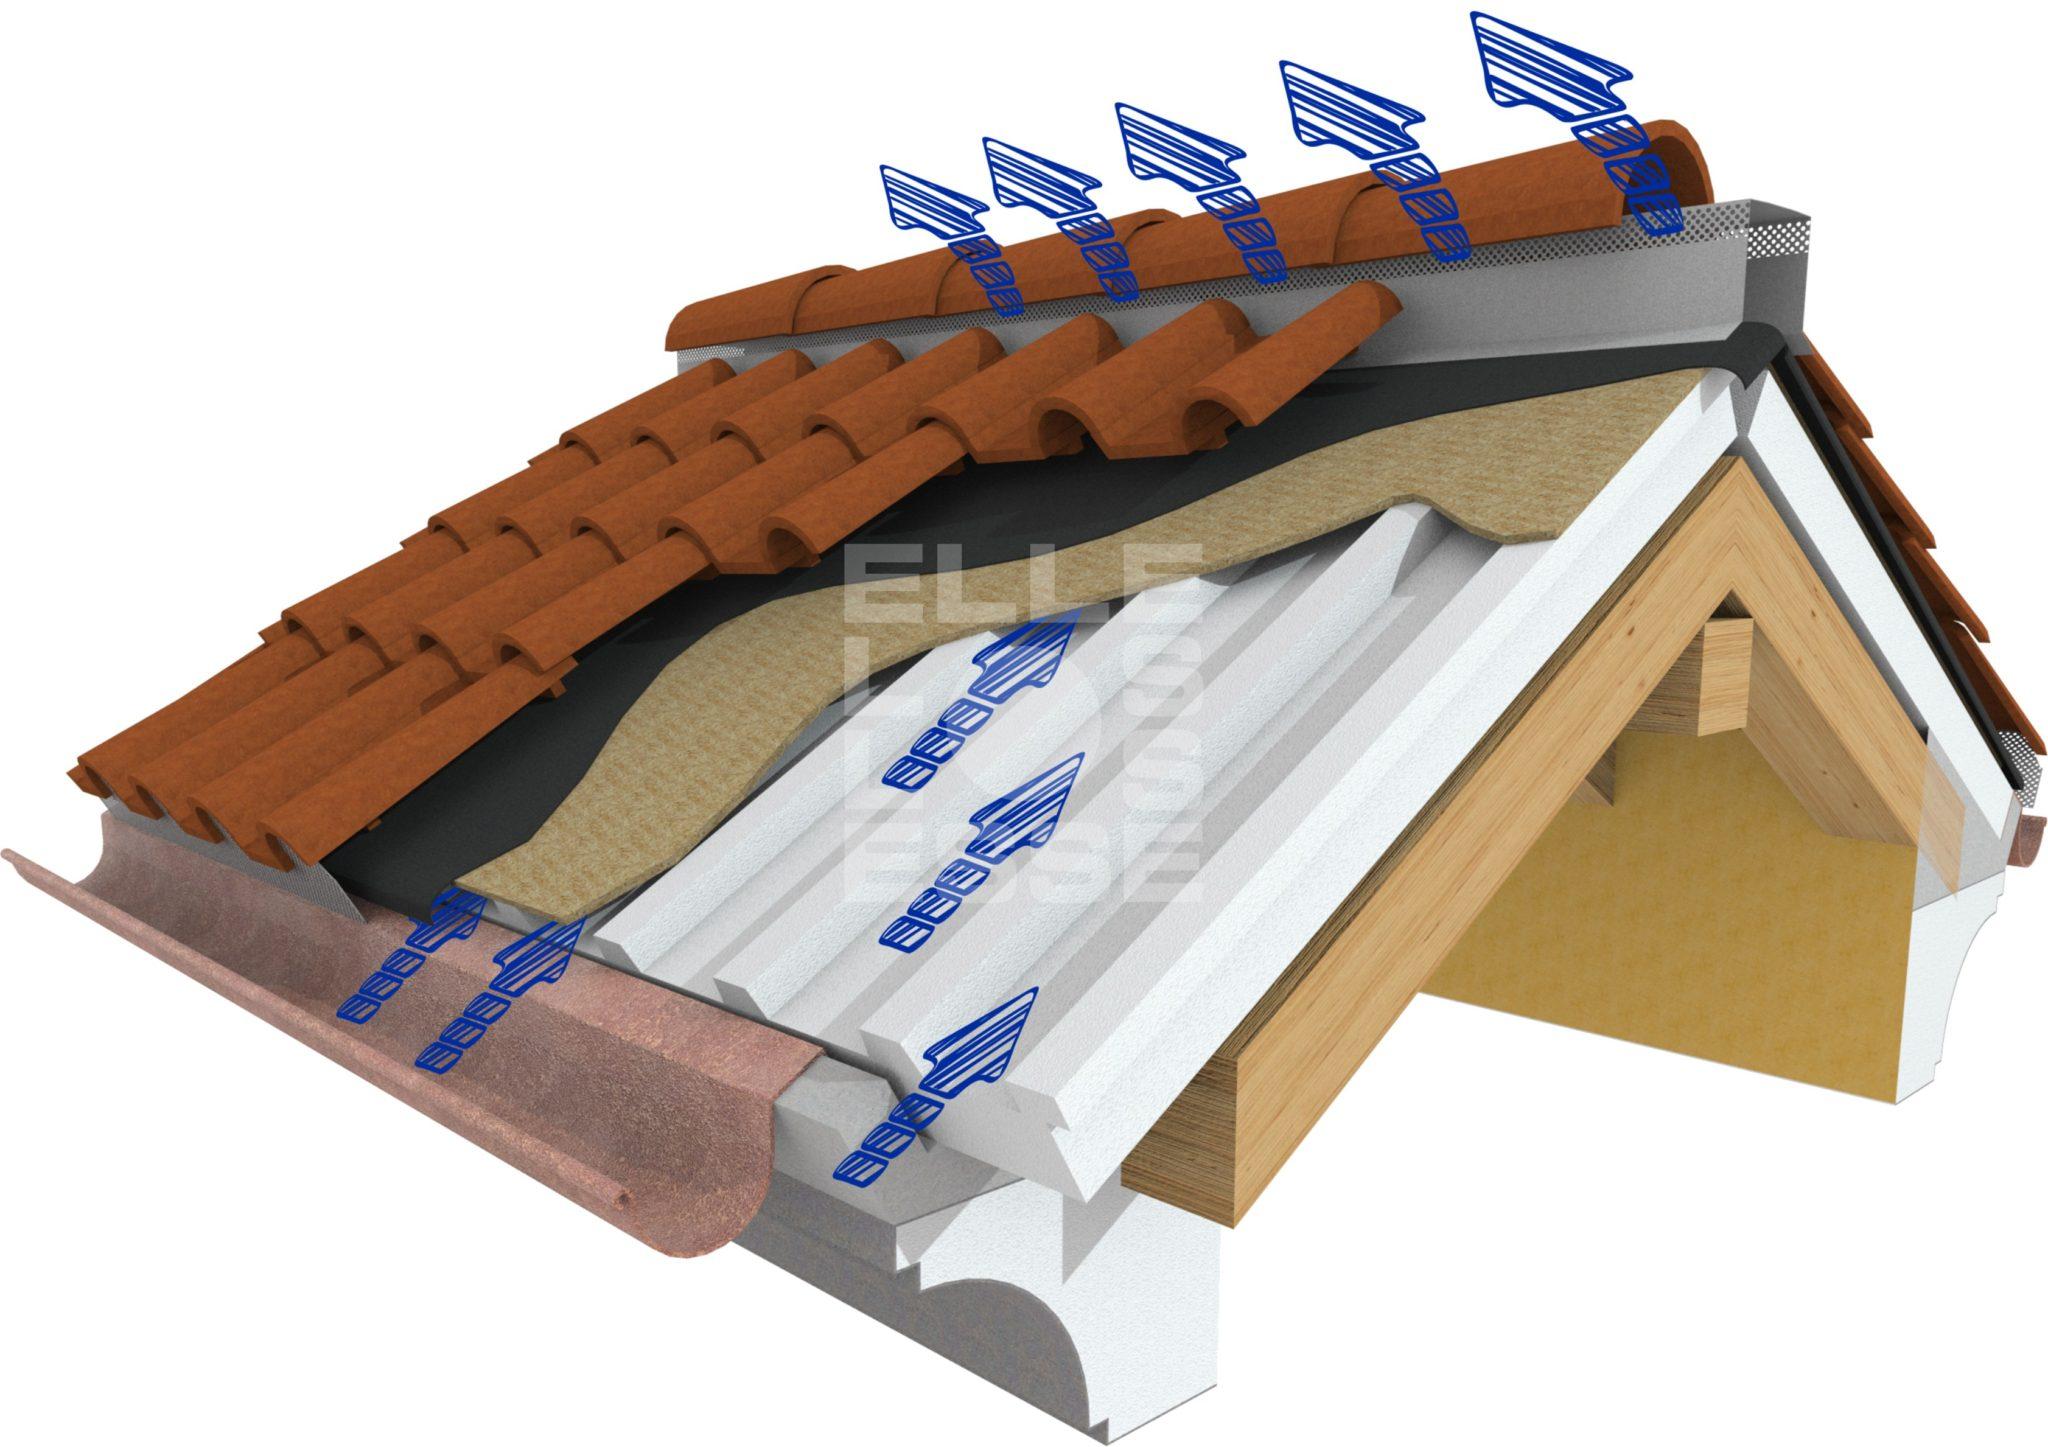 Tetto ventilato come funziona tetti e coperture casa live for Tetti in legno lamellare prezzi al mq